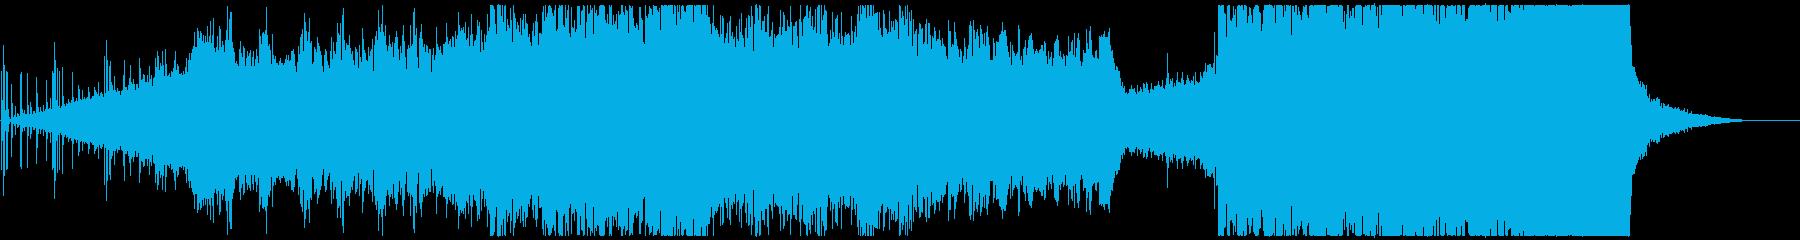 ピアノやクワイヤを使用した感動的な曲の再生済みの波形